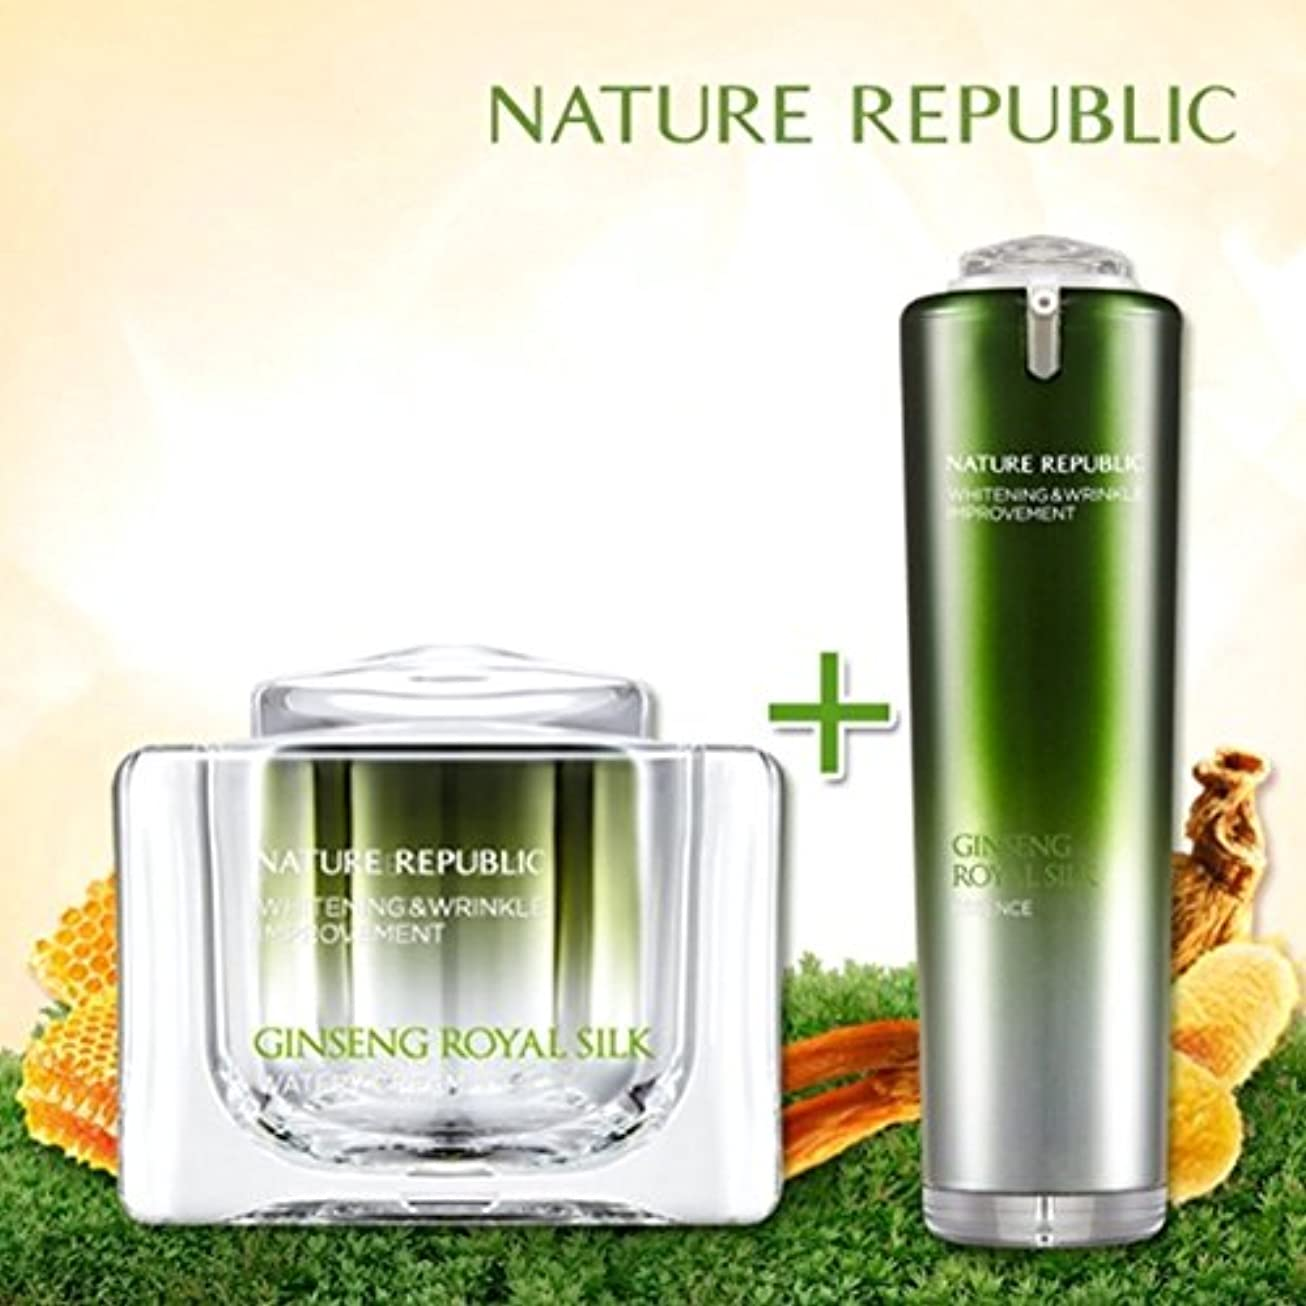 バズ作業NATURE REPUBLIC/高麗人参ロイヤルシルクウォーターリークリーム+エッセンス Nature Republic、Ginseng Royal silk Watery Cream+Essence(海外直送品)